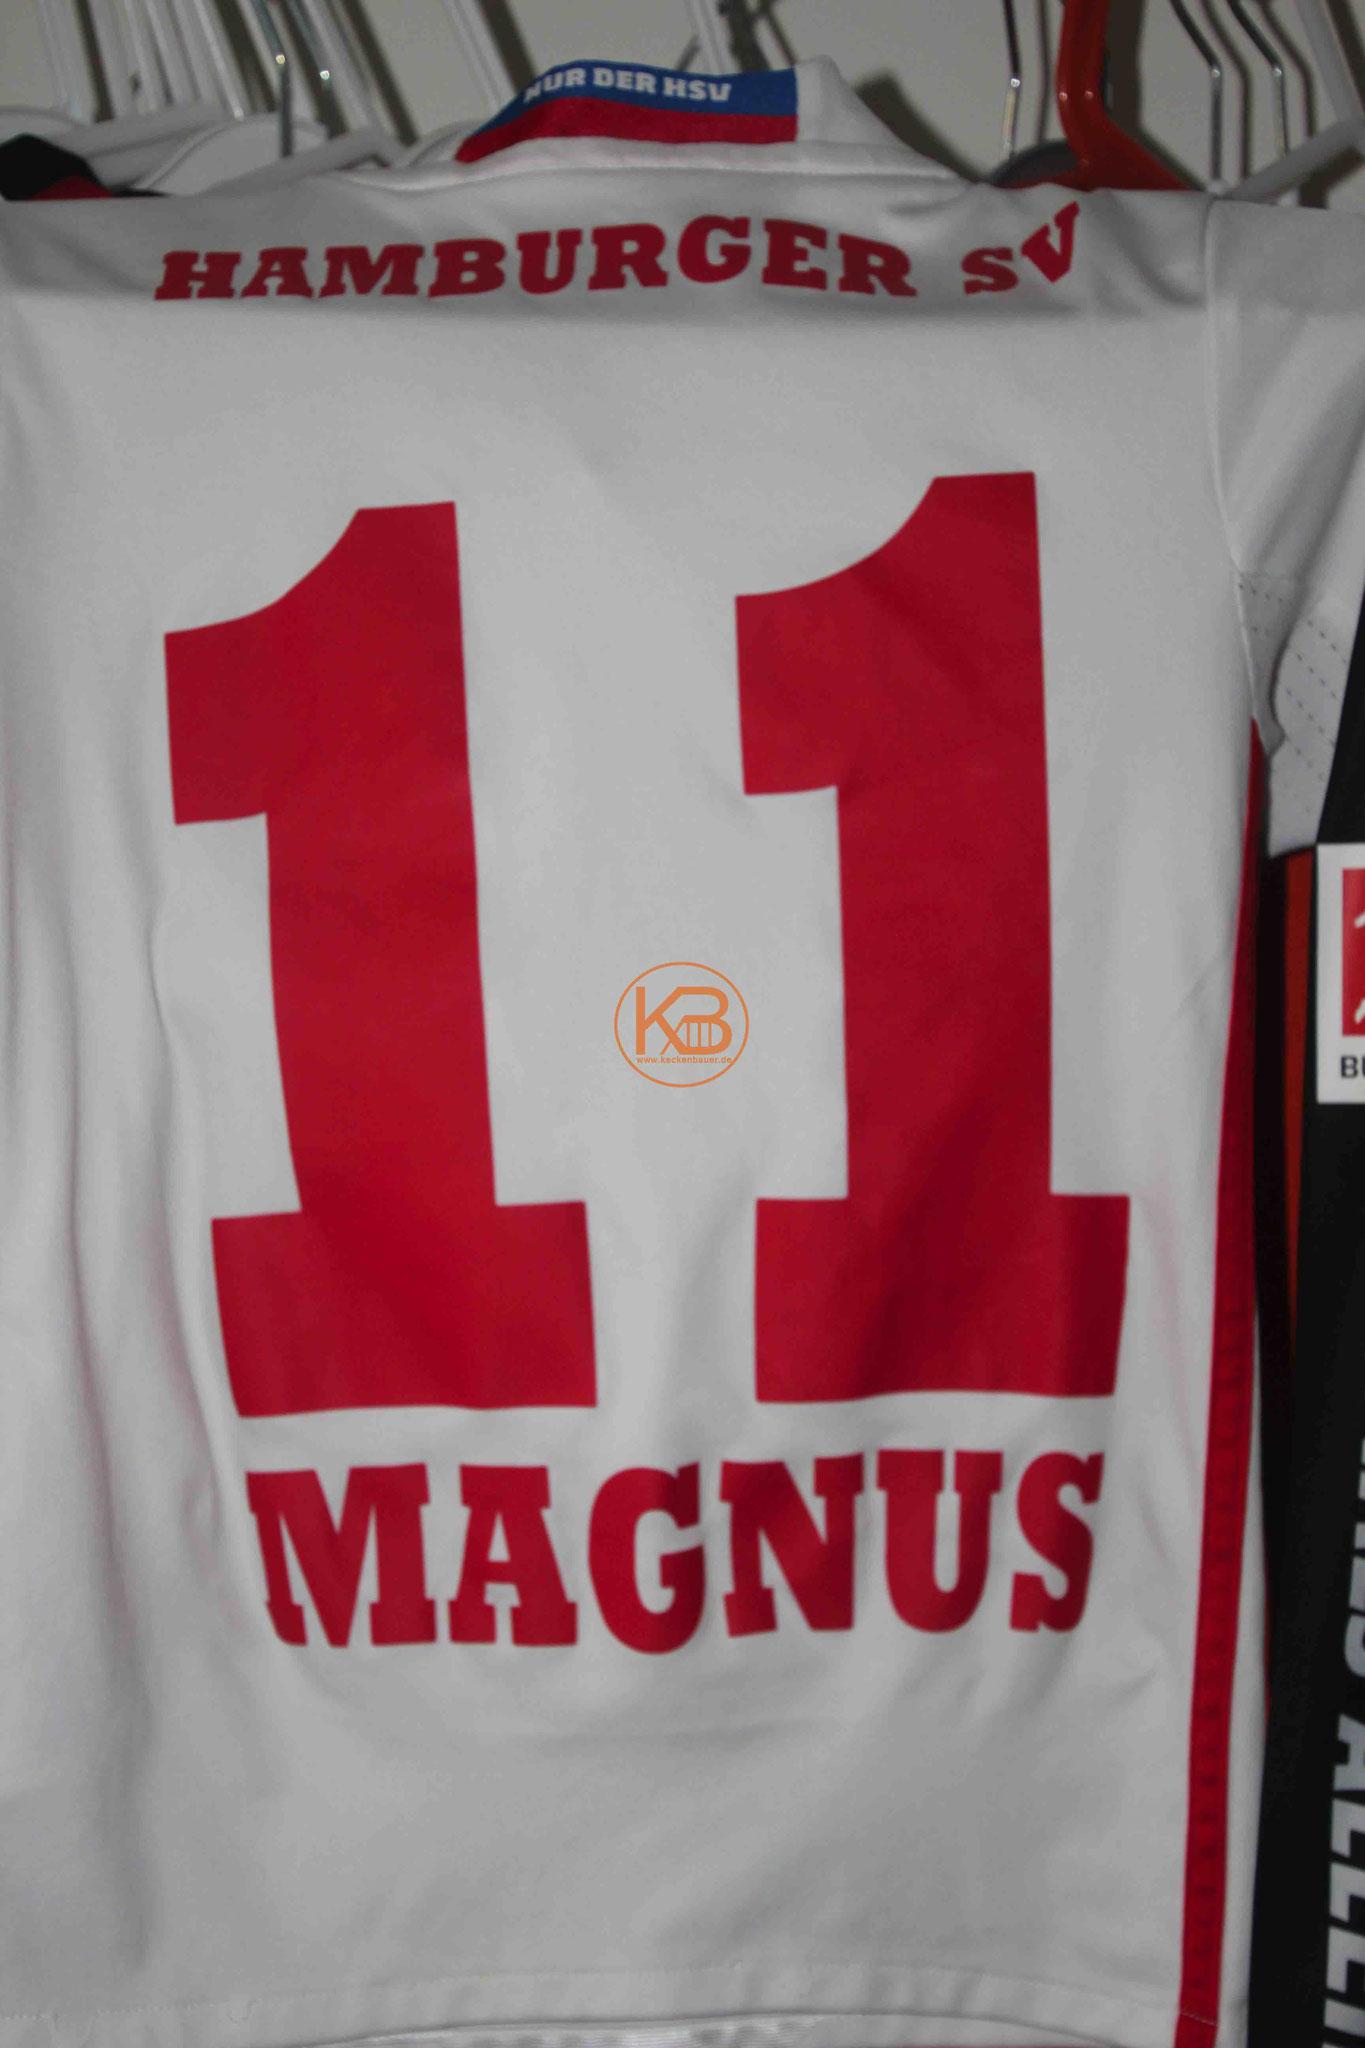 Trikot mit Eigennamen vom HSV mit der Nummer 11 2/2